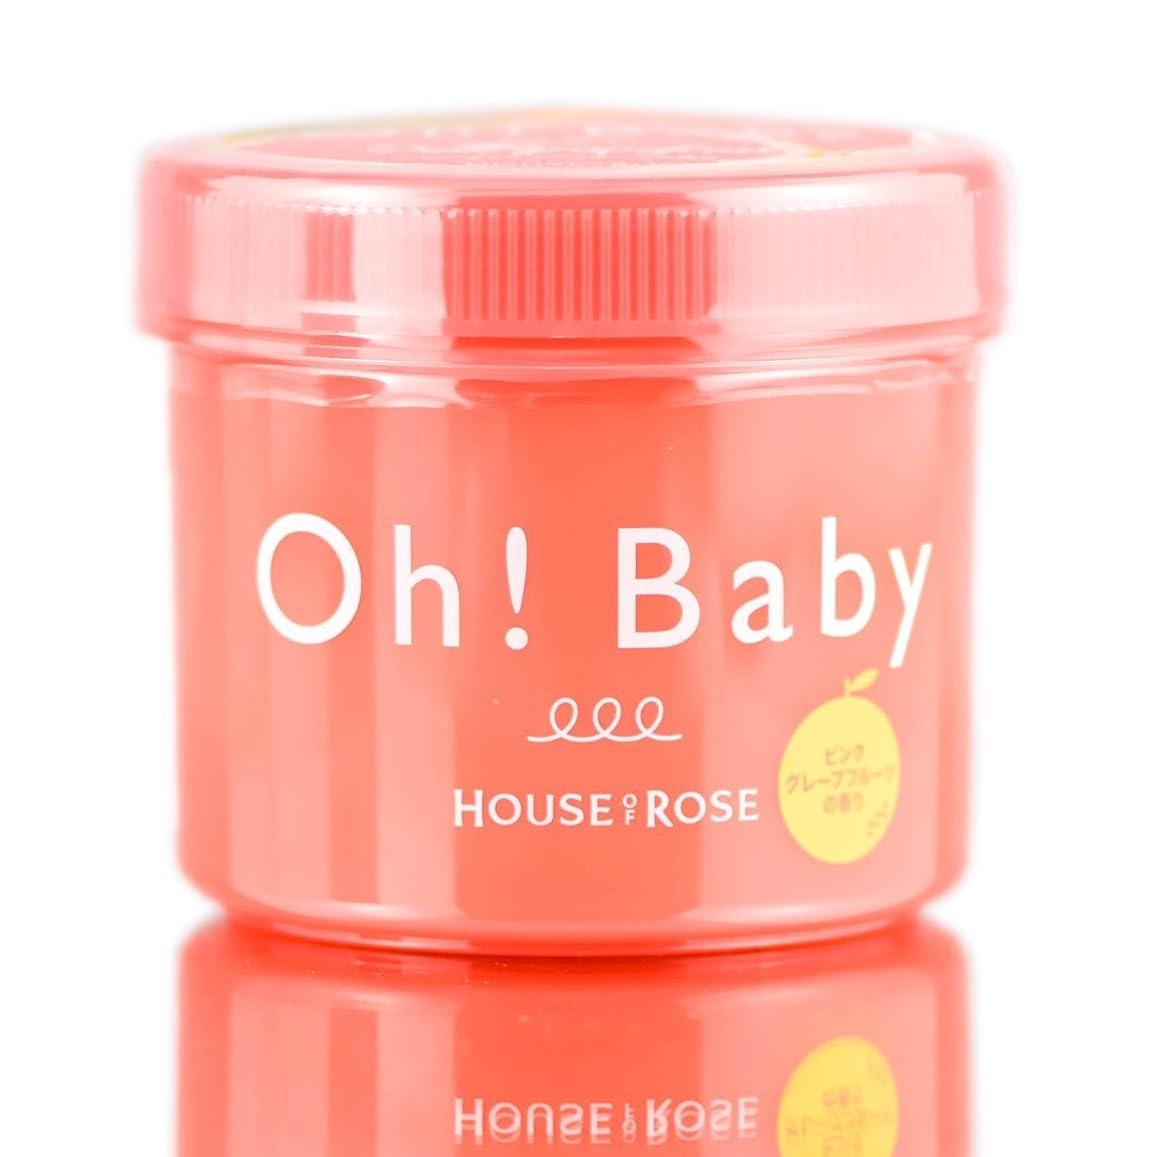 祈りリース退却【期間限定】HOUSE OF ROSE ハウス オブ ローゼ Oh! Baby ボディ スムーザー PGF (ピンクグレープフルーツの香り) 350g